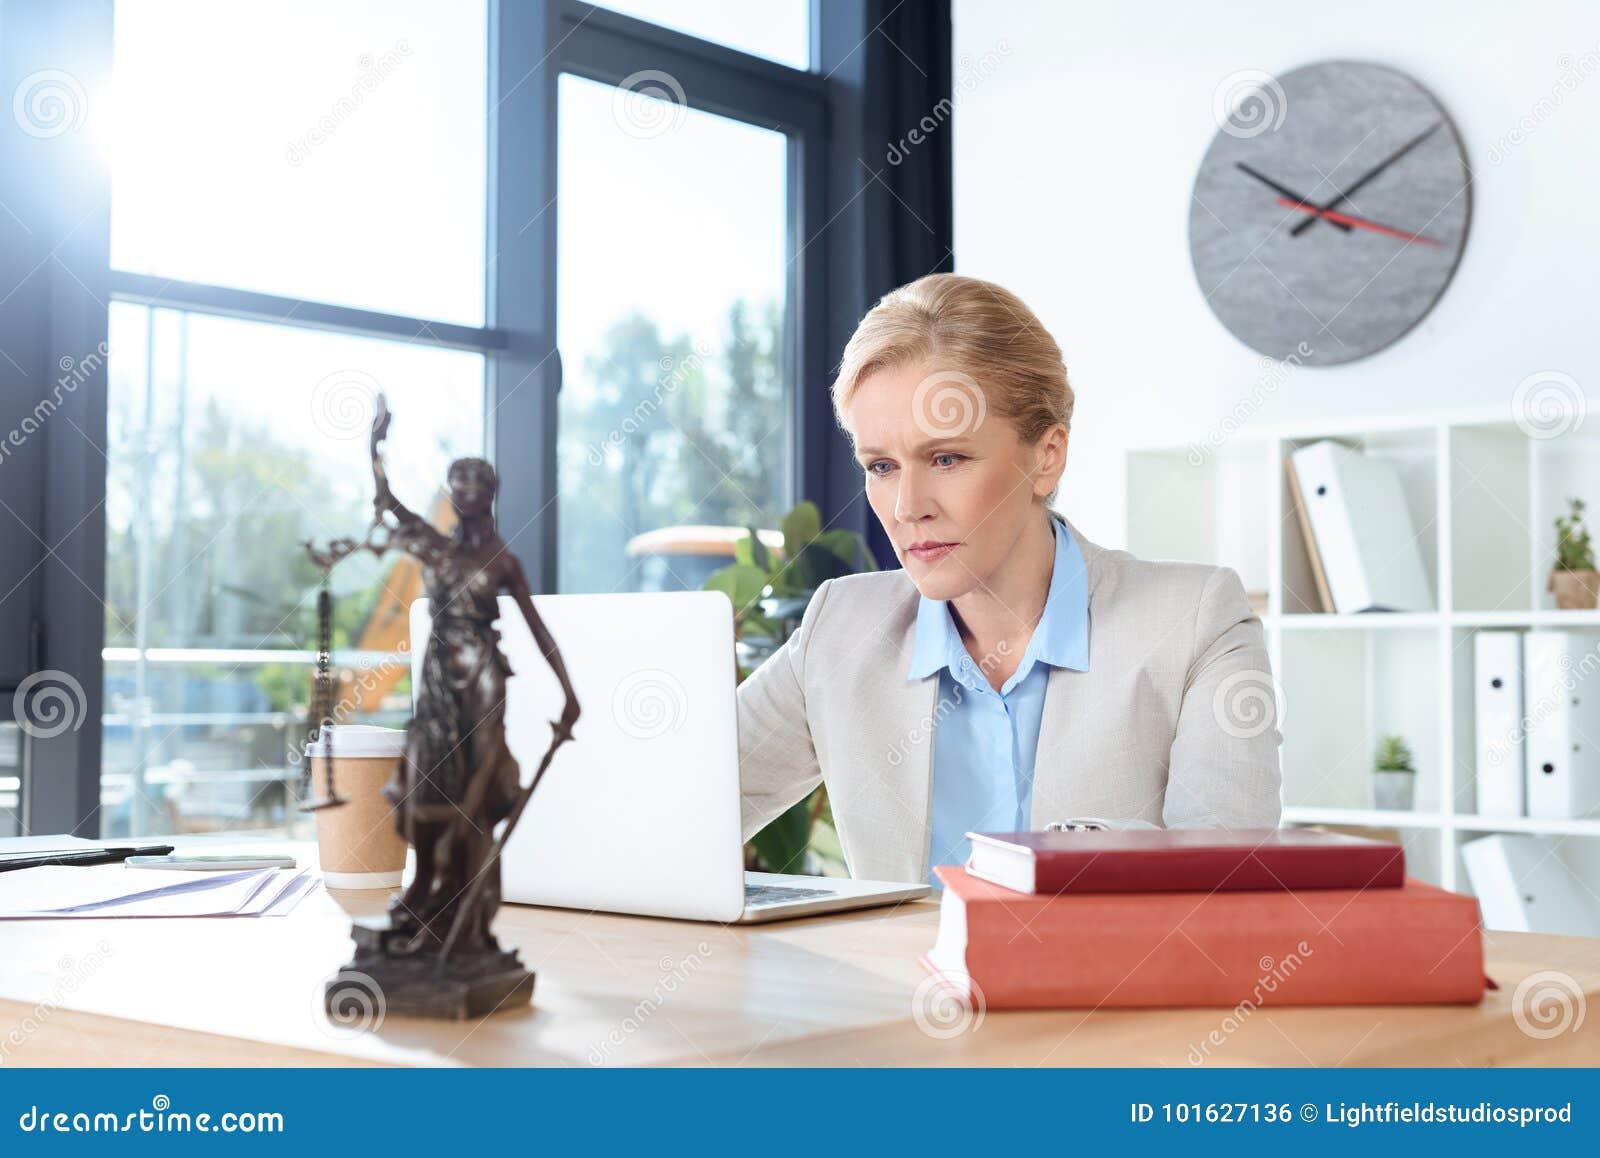 Kvinnlig advokat som arbetar med bärbara datorn